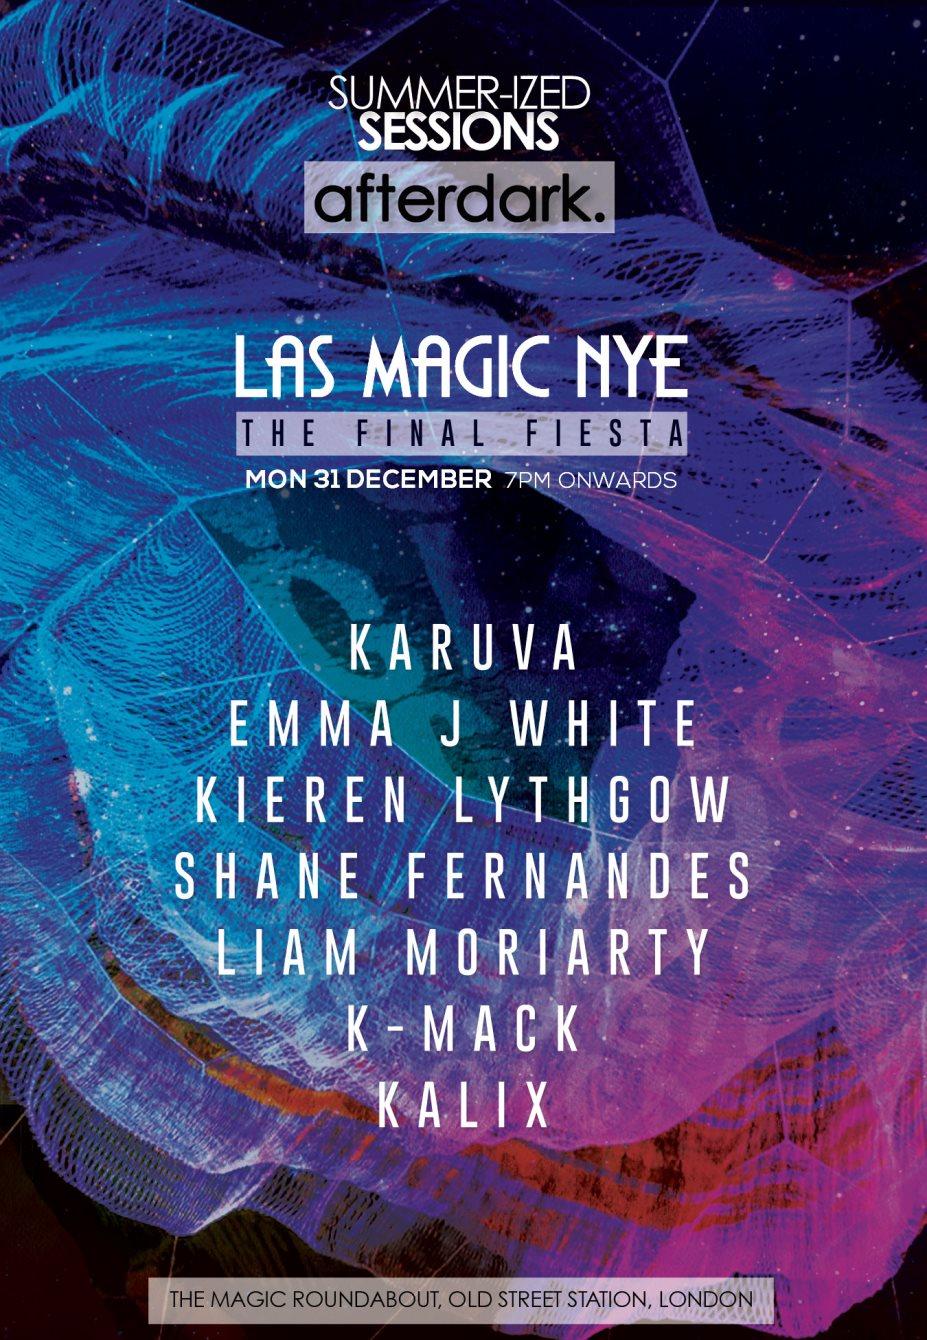 RA: Las Magic NYE at The Magic Roundabout, London (2018)